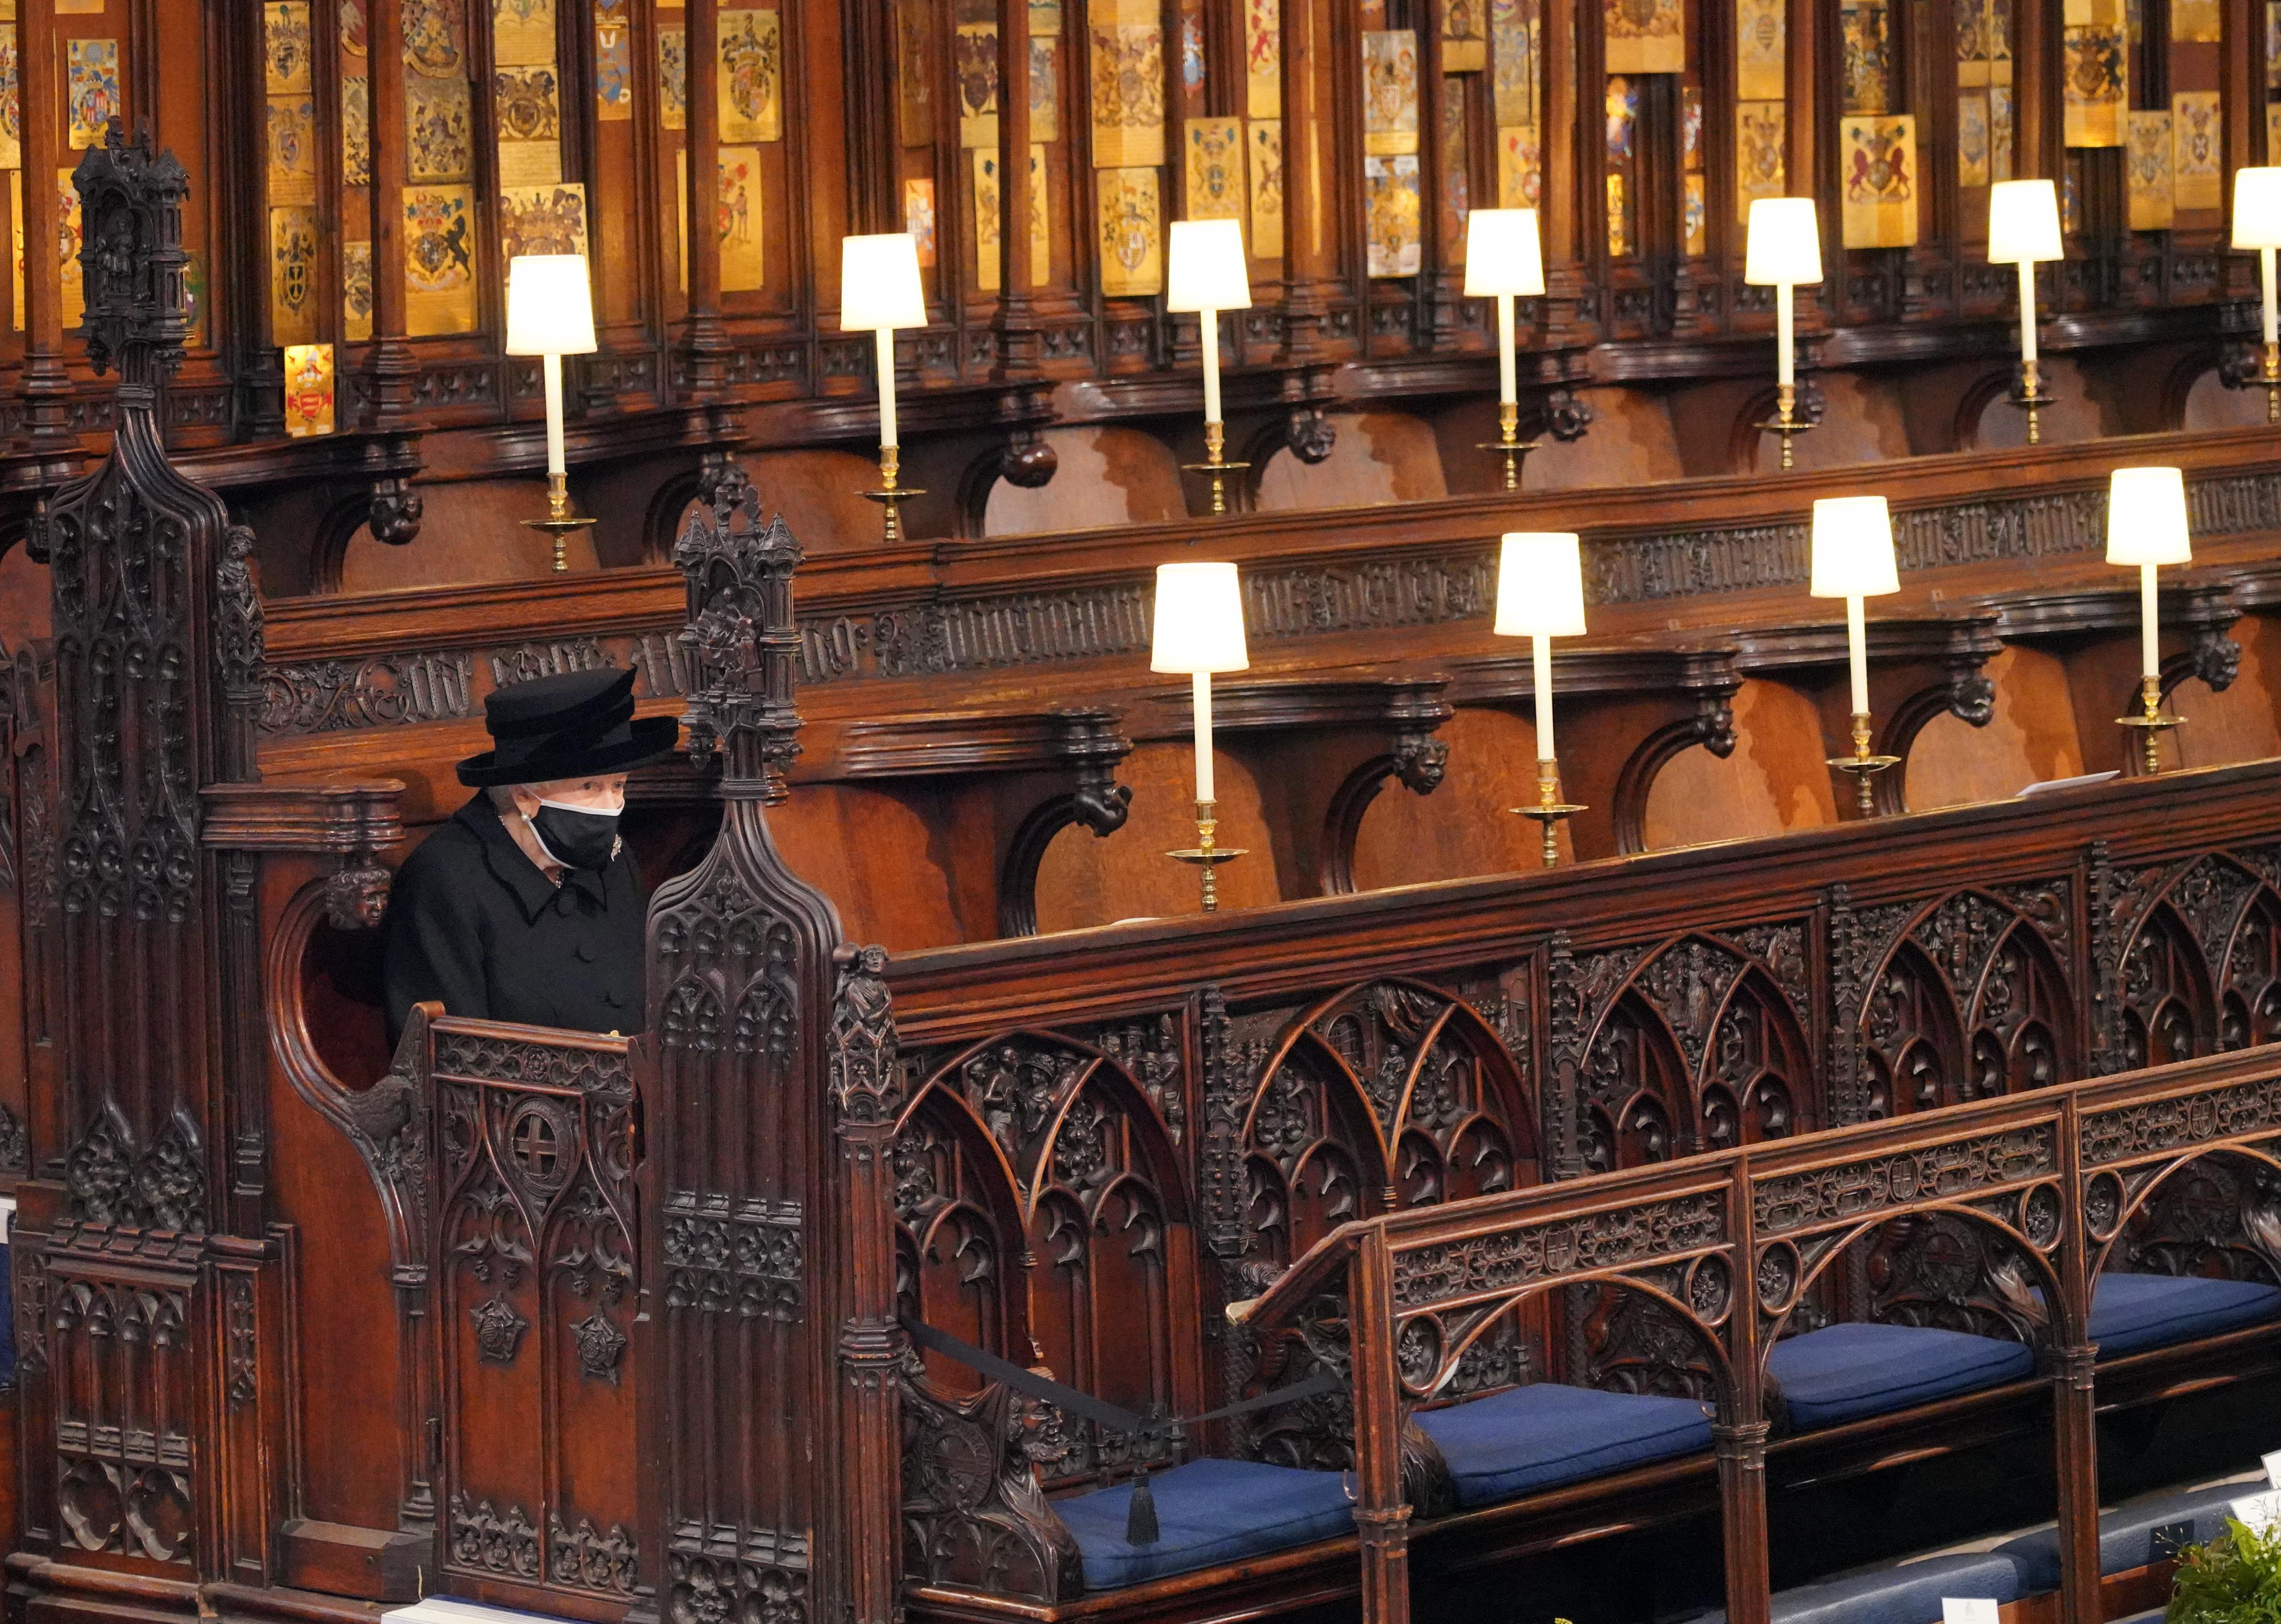 Queen Elizabeth II Prince Philip funeral